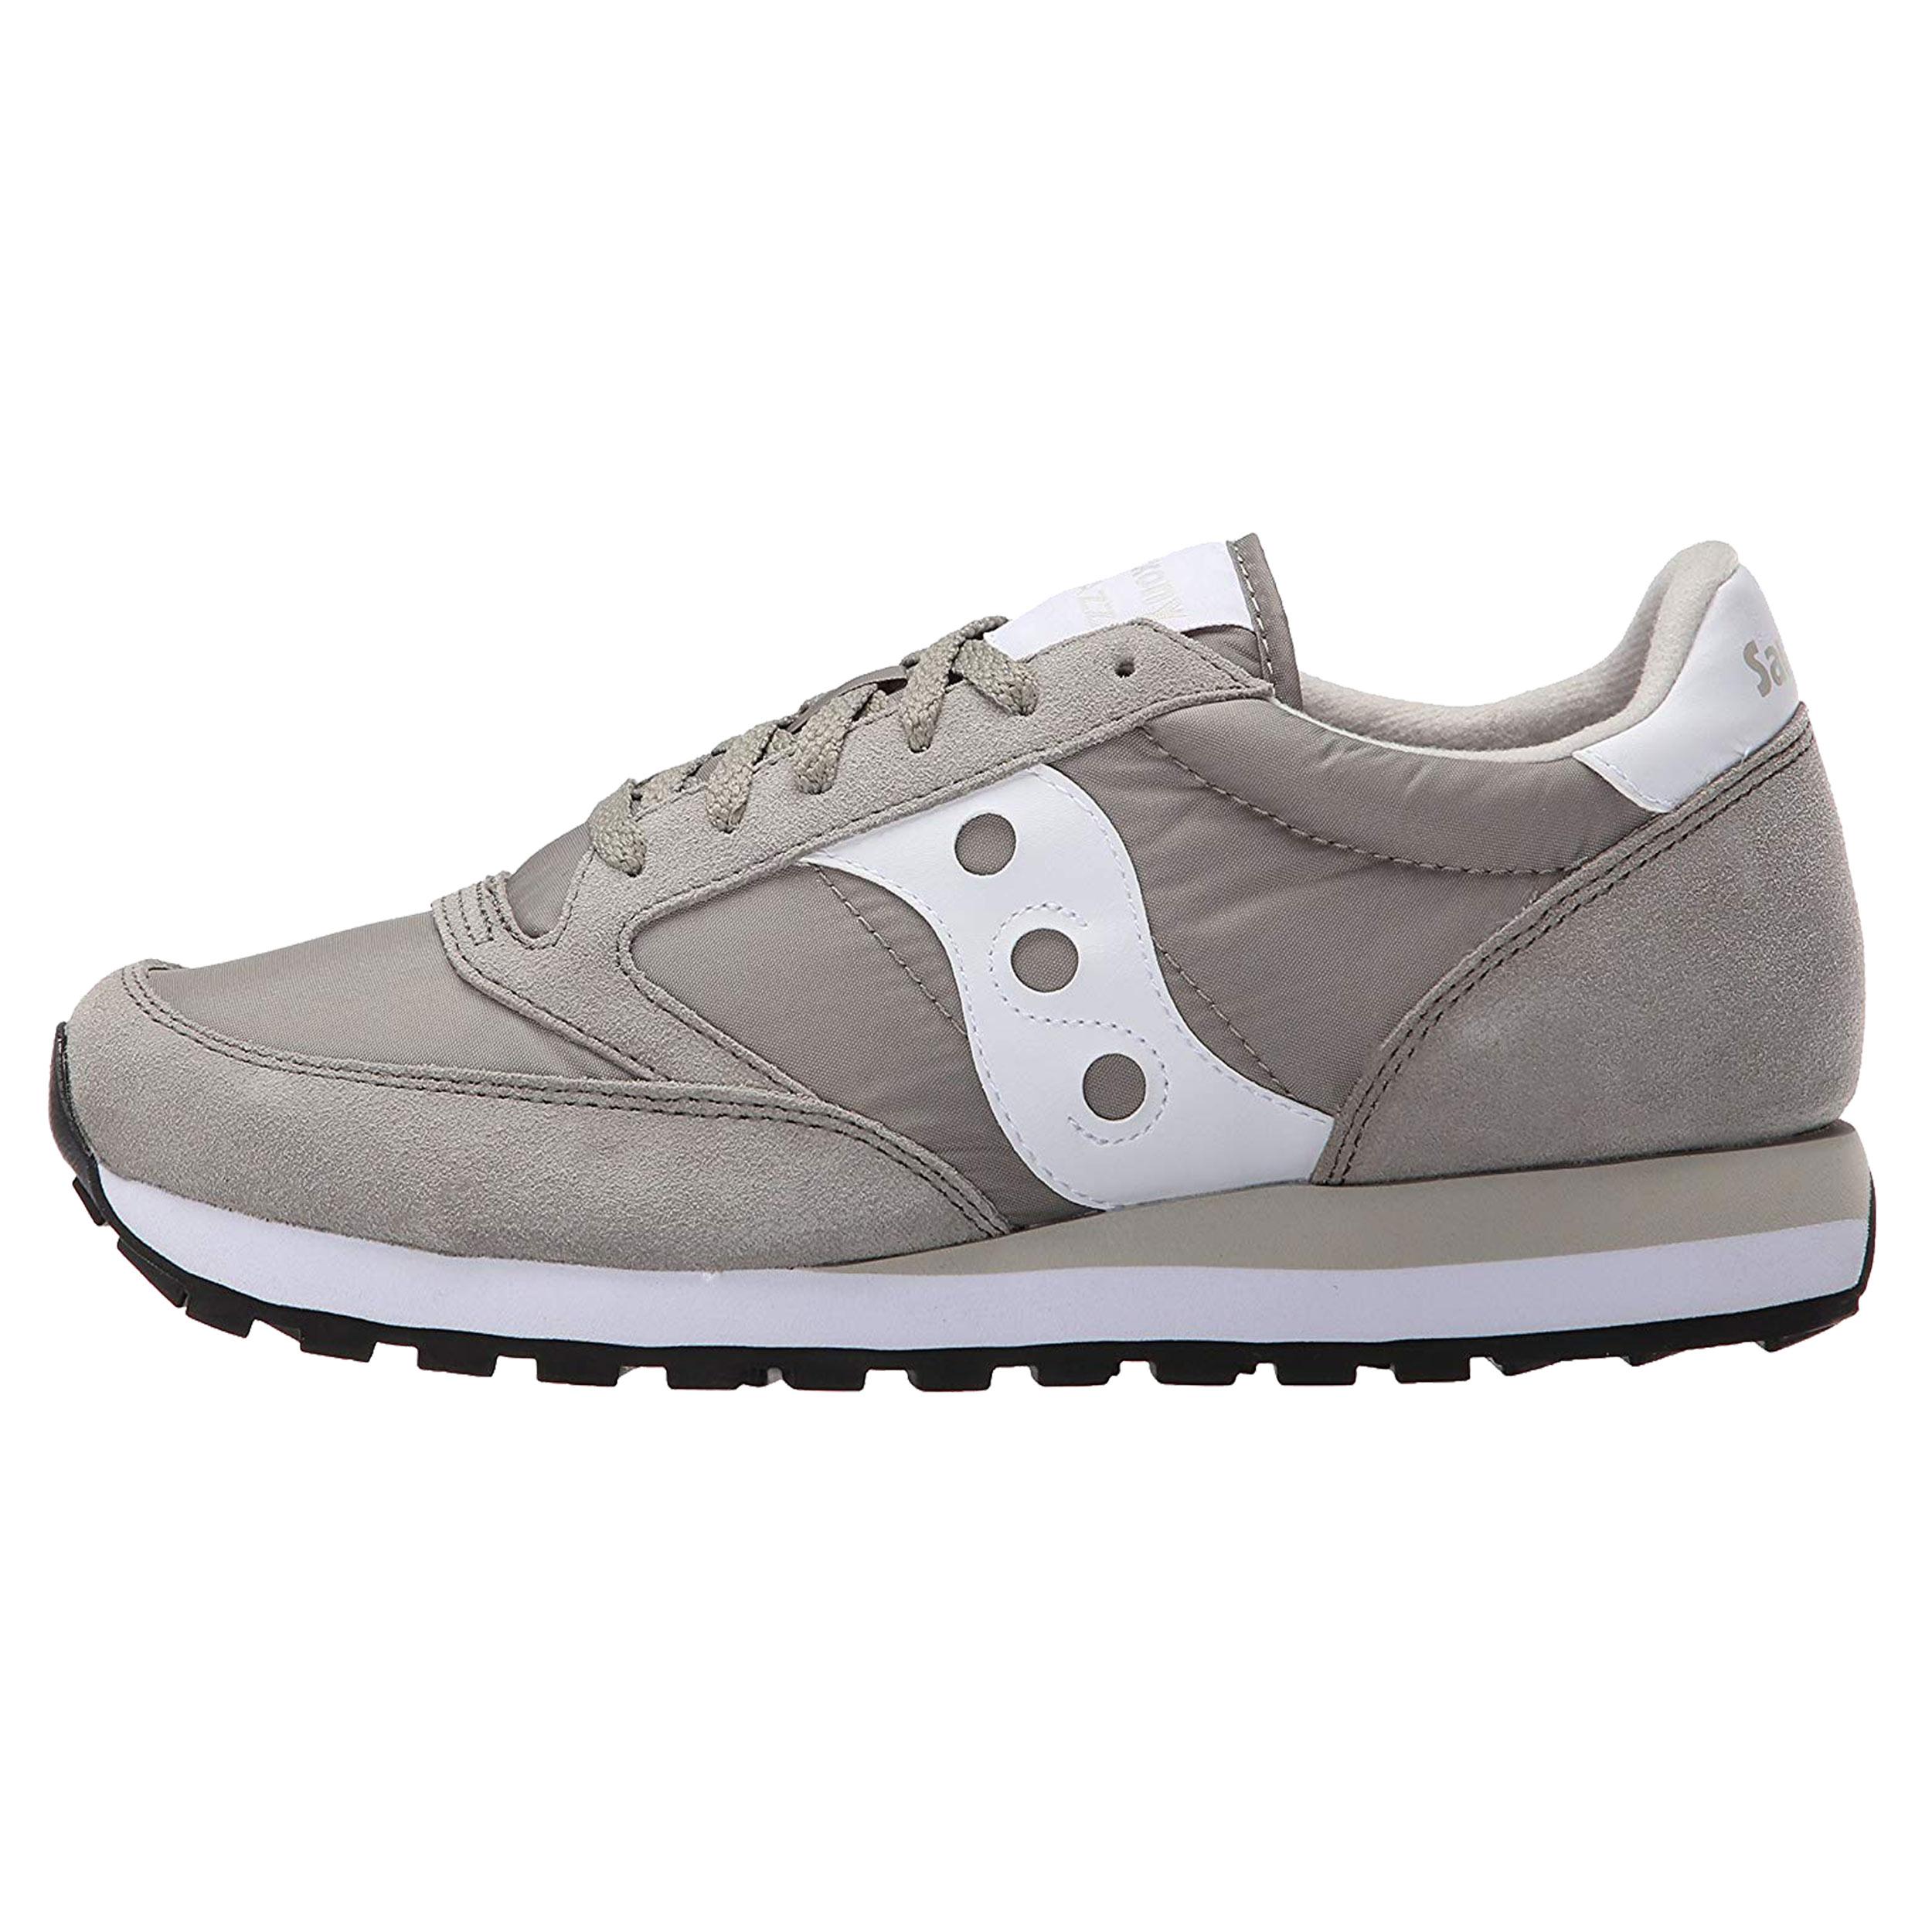 کفش راحتی مردانه ساکنی مدل Jazz Original